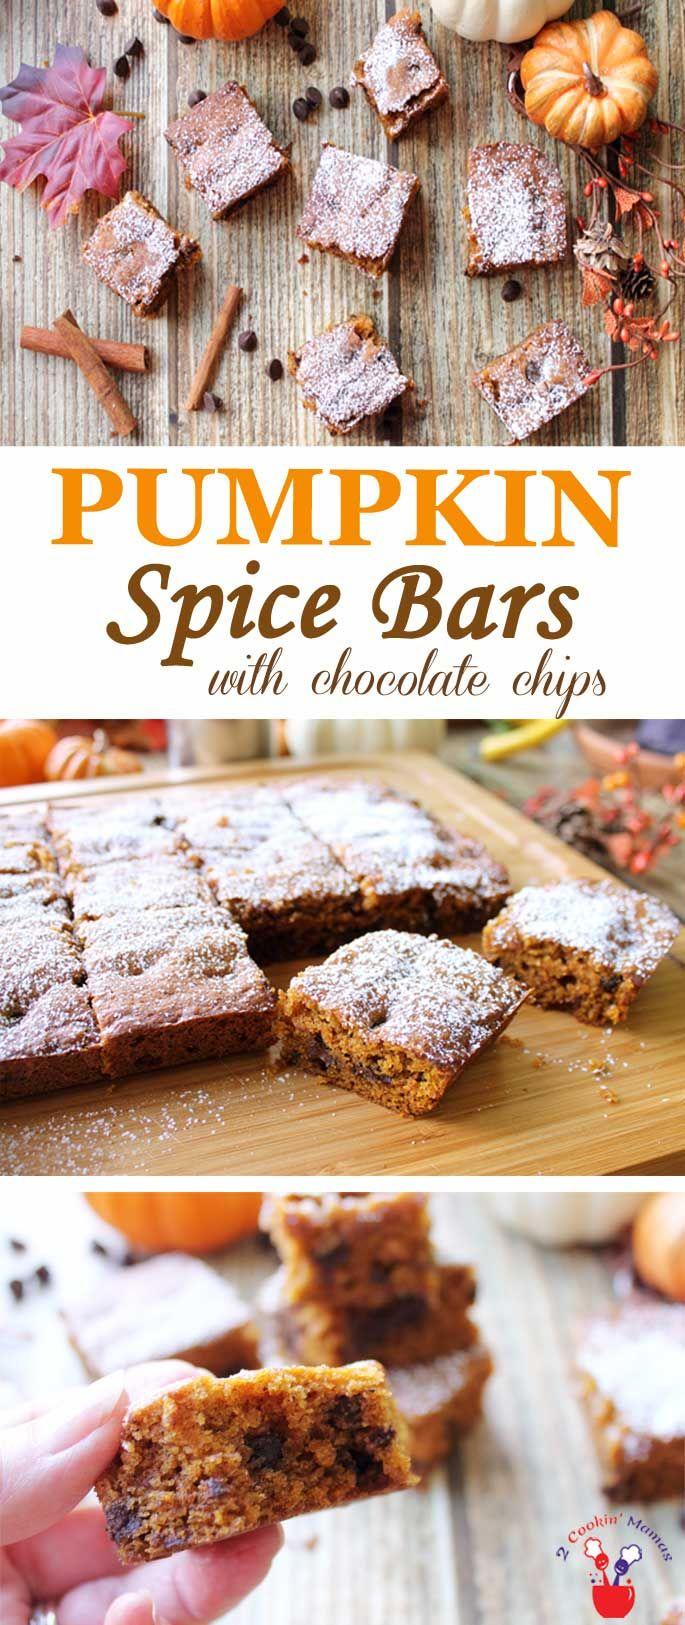 Bedste 25 Pumpkin Barer Ideer på Pinterest Easy Pumpkin-8086